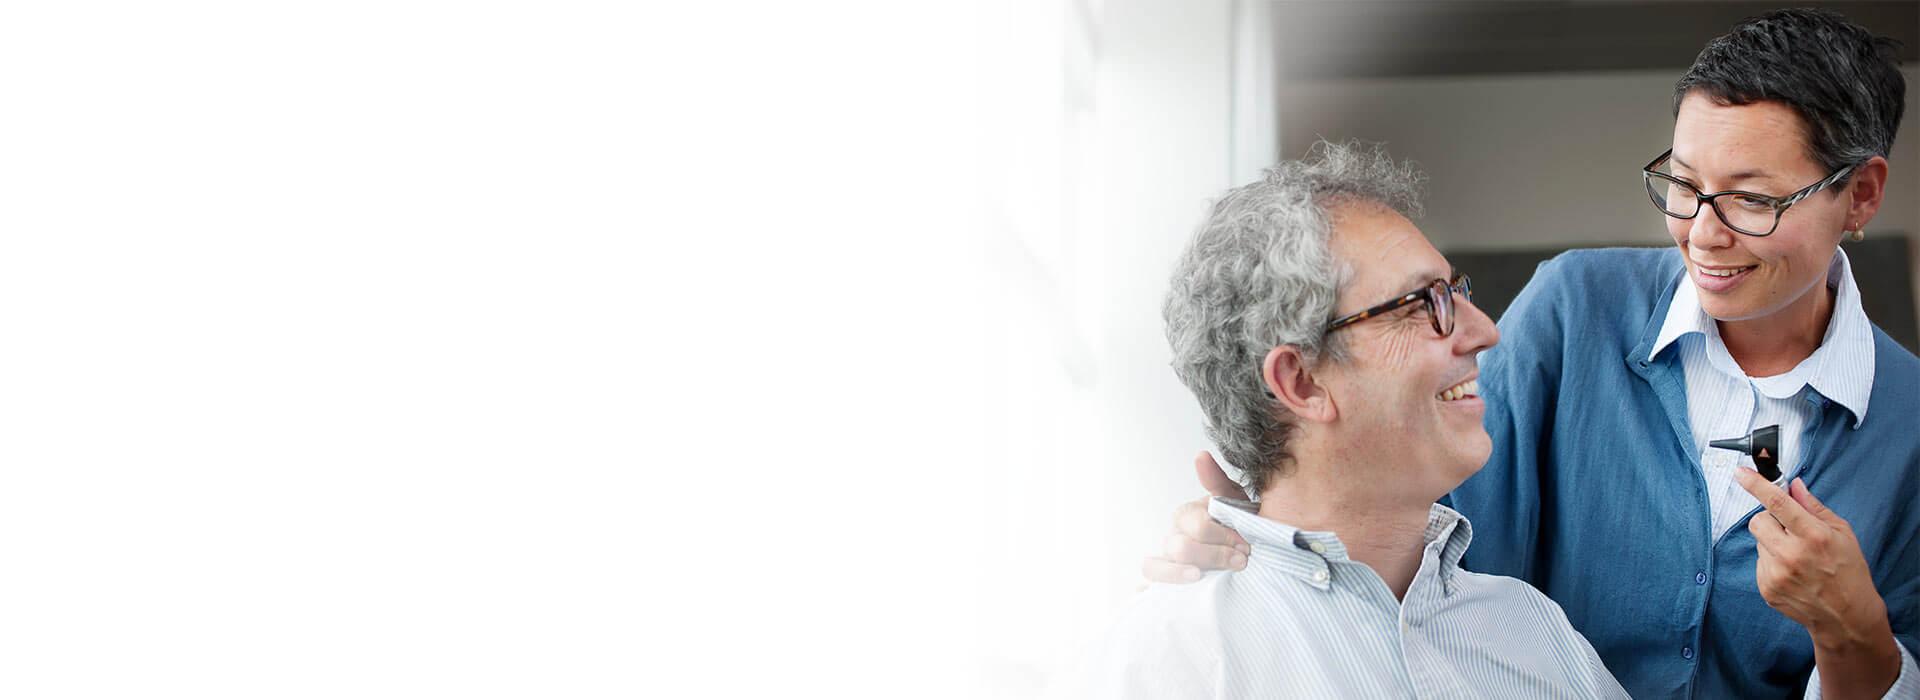 Eine Hörgeräteakustikerin kontrolliert das Ohr eines Kunden